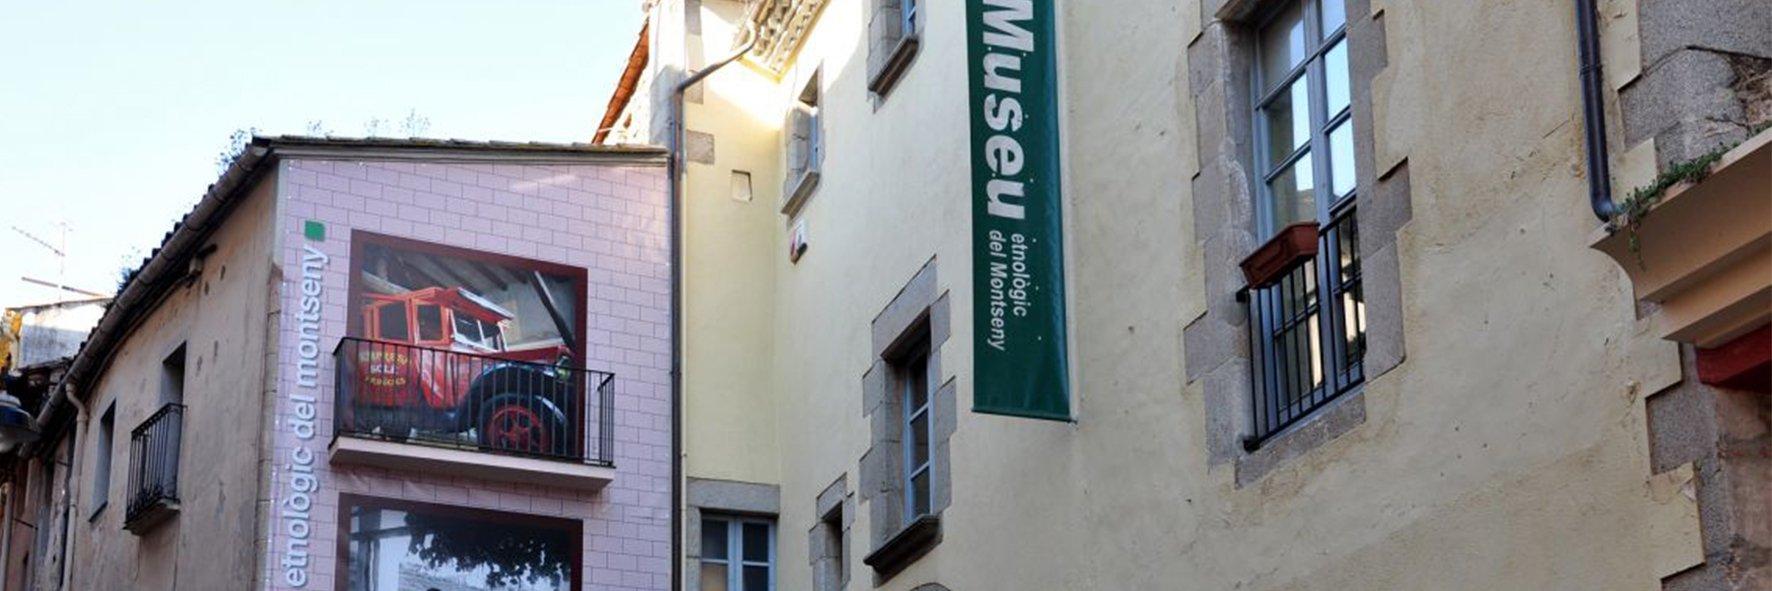 Museu Etnològic del Montseny-La Gabella